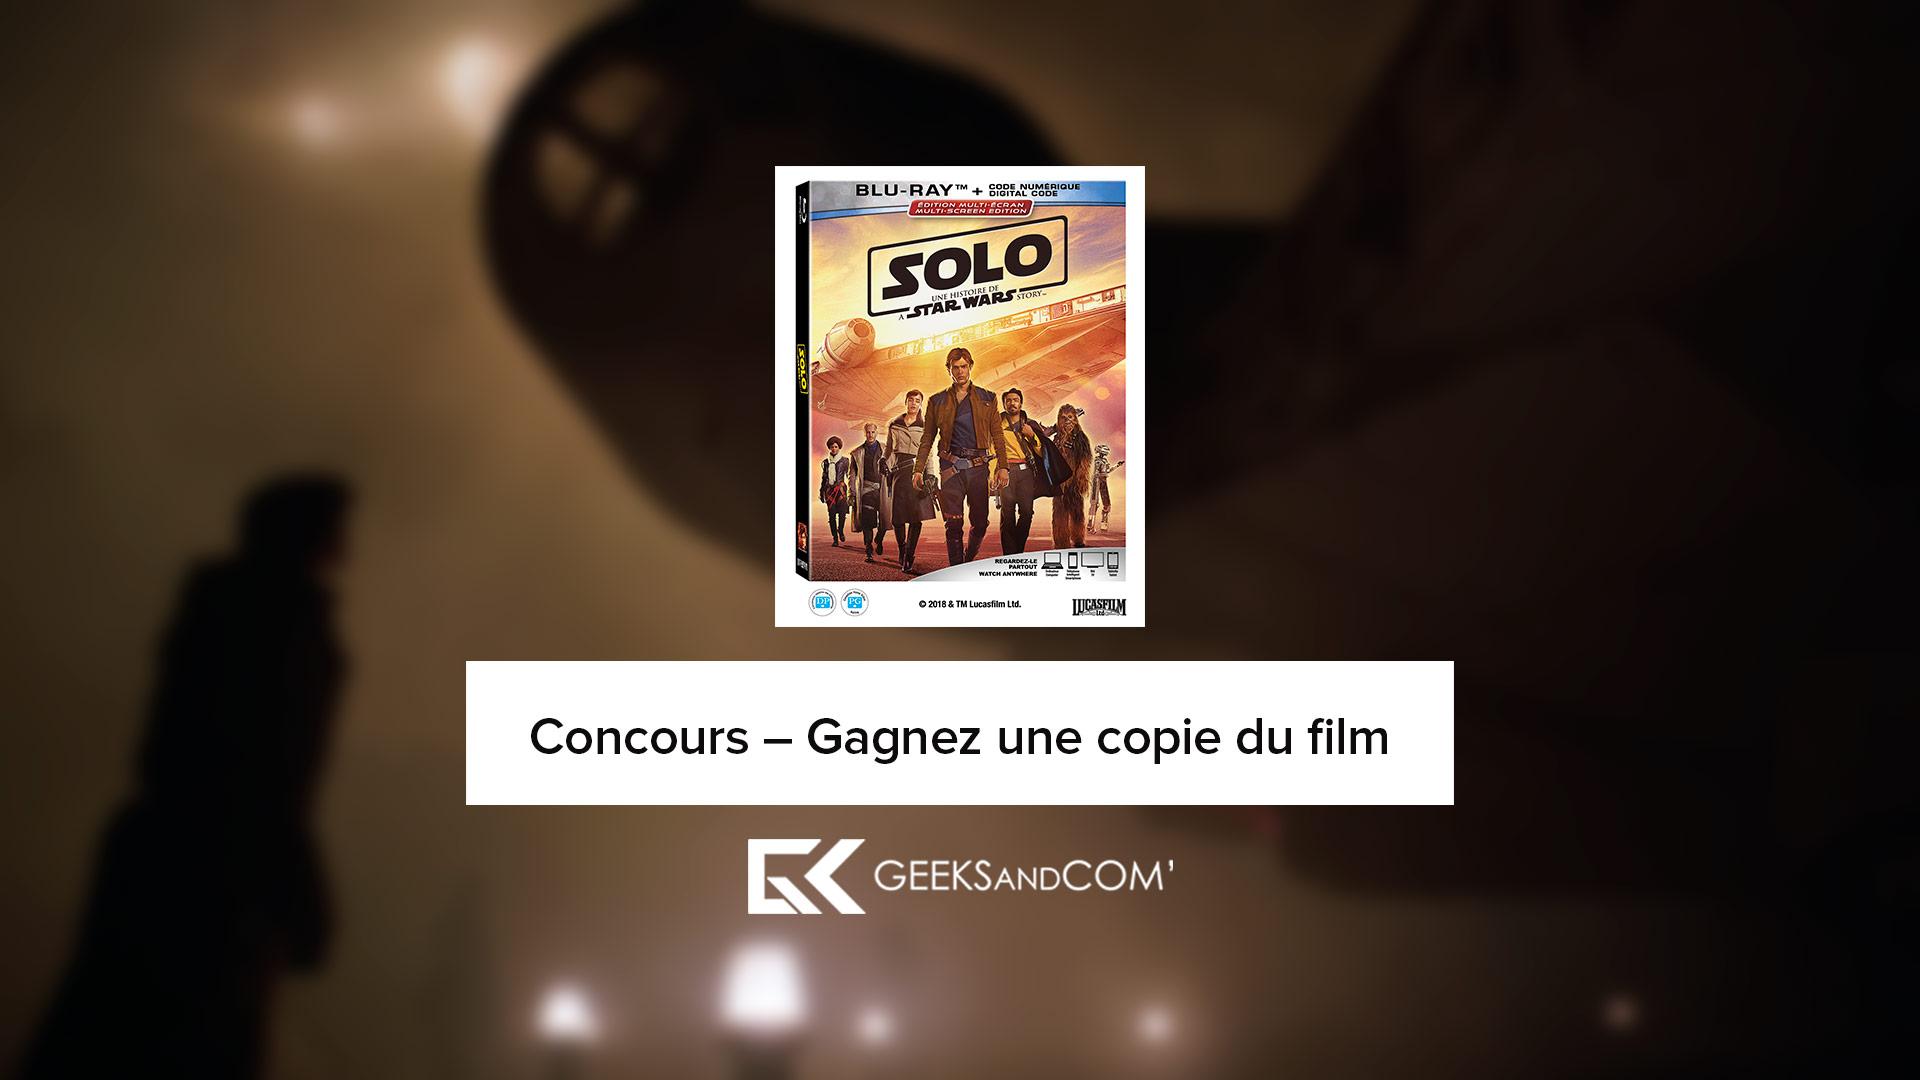 [QC] Gagnez une copie du film SOLO : A STAR WARS STORY